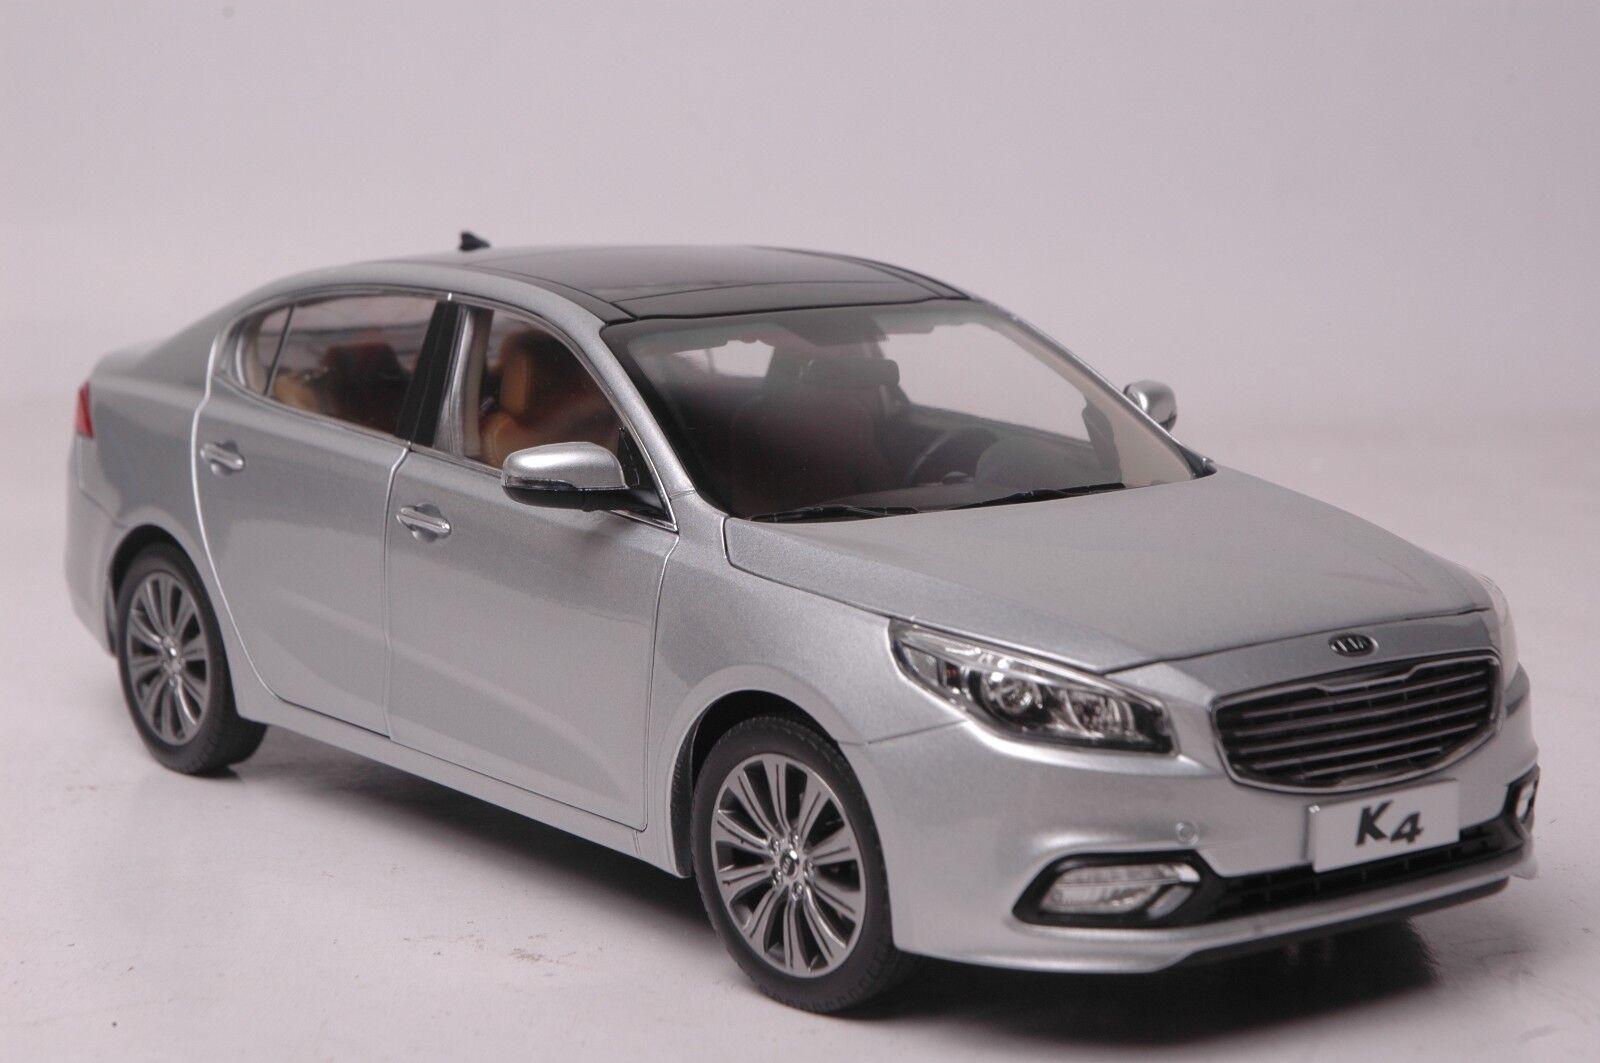 promociones KIA K4 2014 coche modelo en escala escala escala 1 18 Plata  de moda